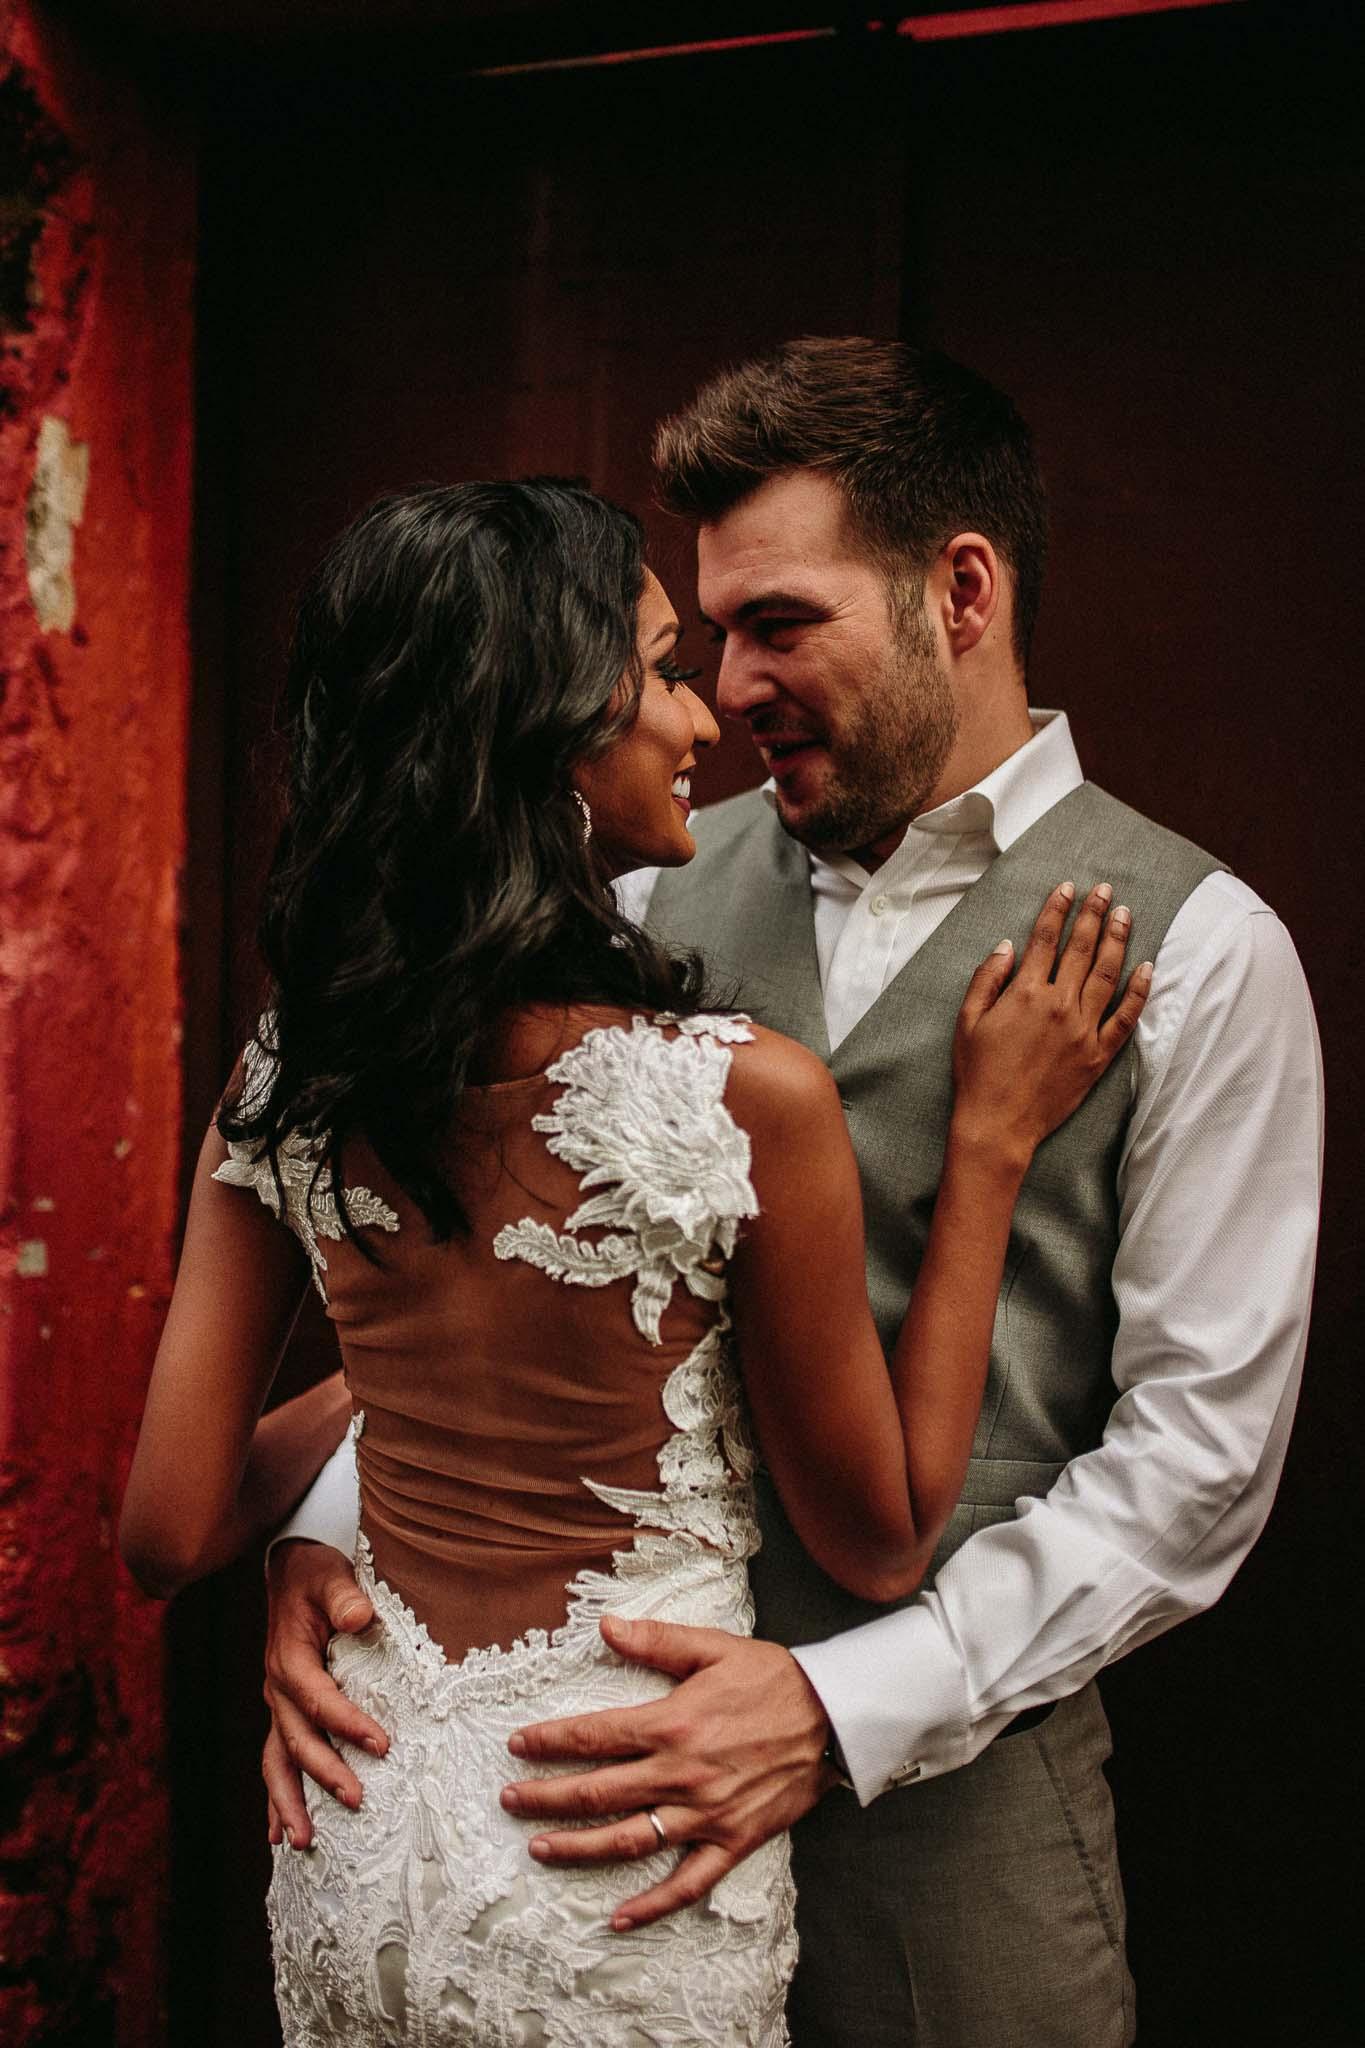 u&m-weddingsbyqay-lovesession-destinationweddingphotographer (53 of 160).jpg